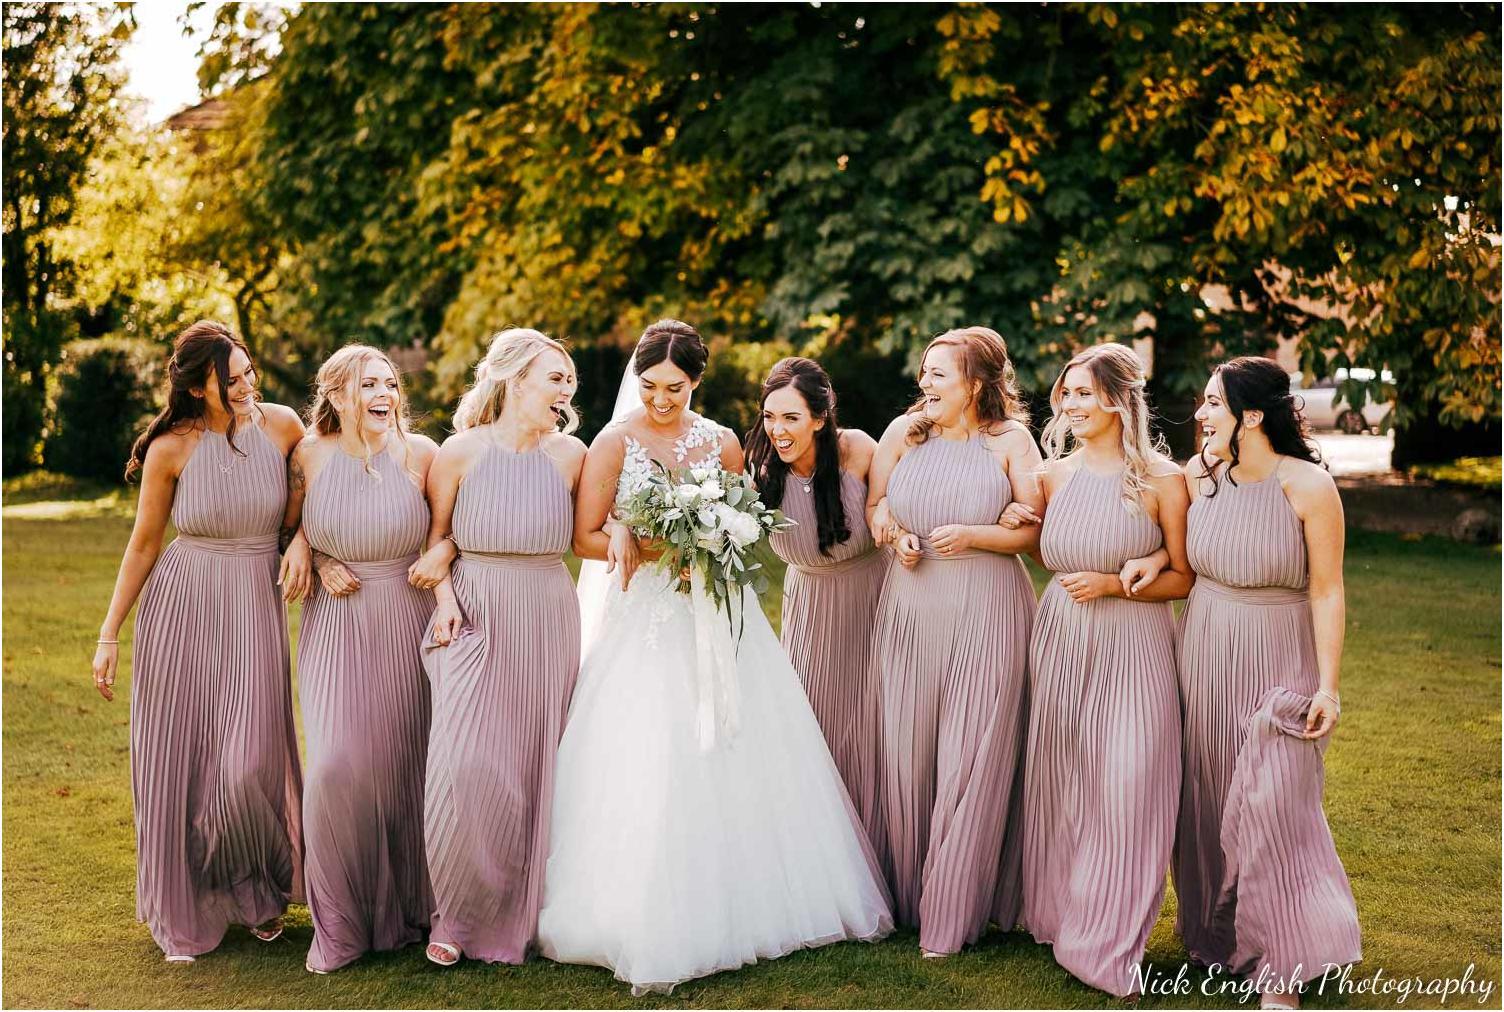 Browsholme_Hall_Barn_Wedding_Nick_English_Photography-97.jpg